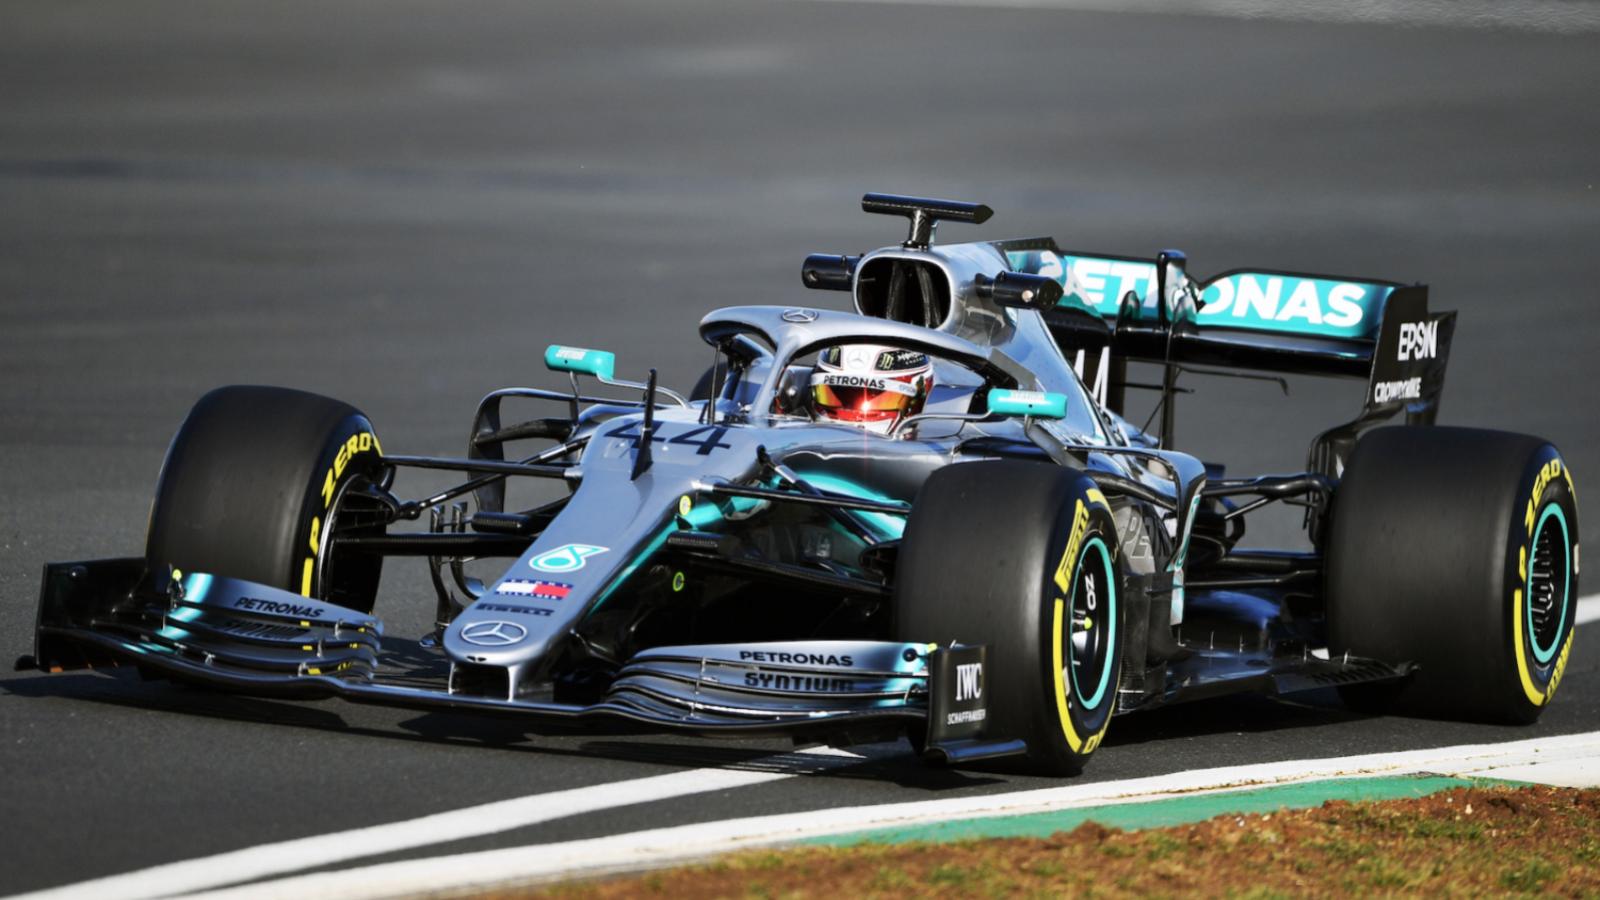 Mercedes-AMG W10 is Ready for 2019 Formula One Season